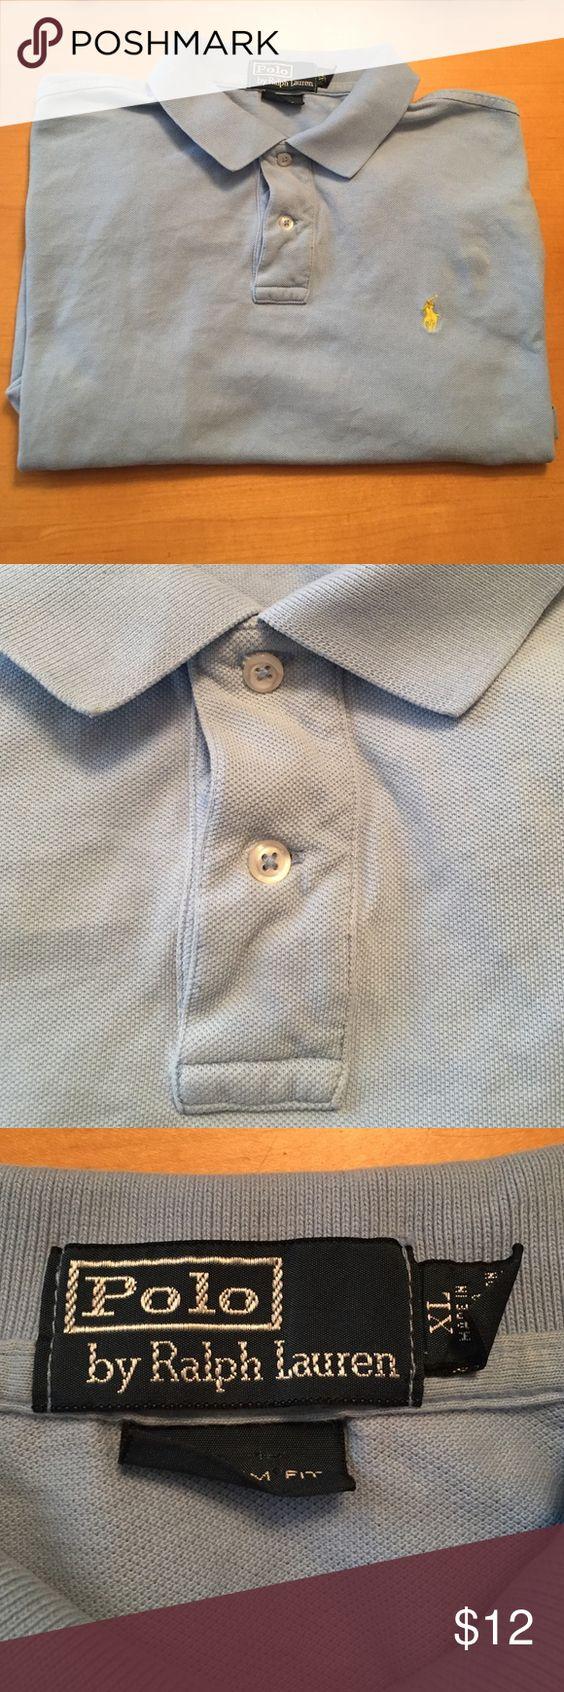 Men's Polo by Ralph Lauren XL Polo 👕 Shirt Men's Size XL, in great condition. Polo by Ralph Lauren Shirts Polos